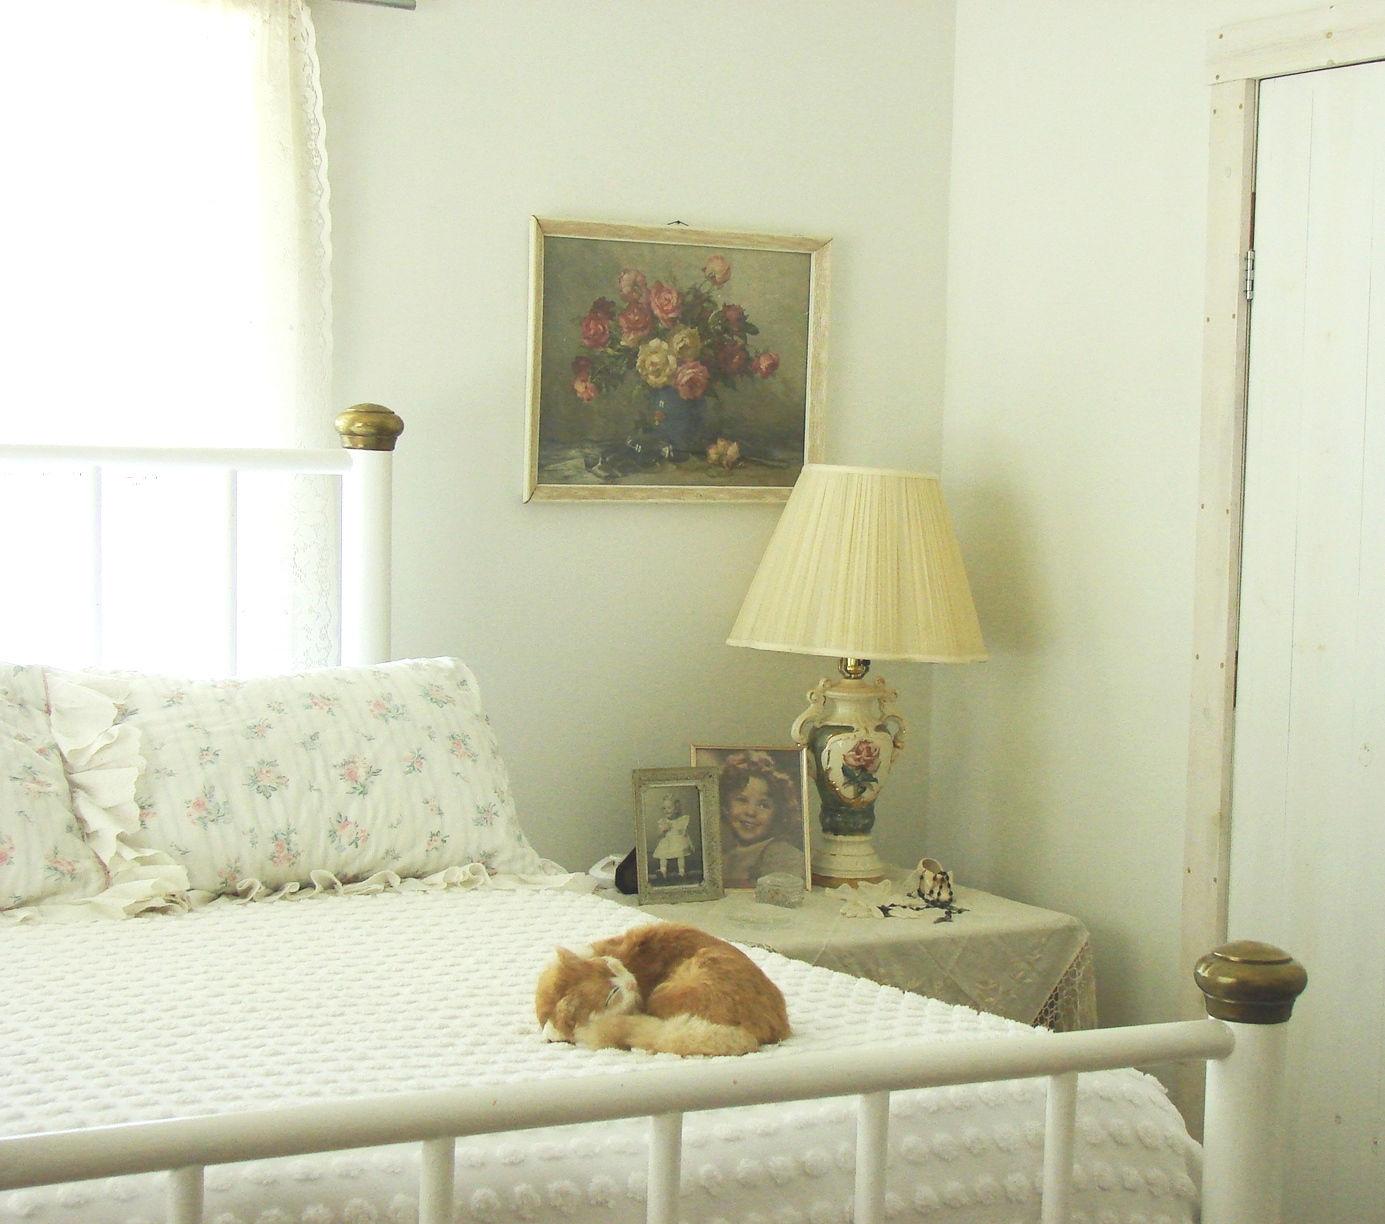 Постельное белье, а также предметы интерьера с флористическими мотивами - прекрасное решение для комнаты в стиле кантри